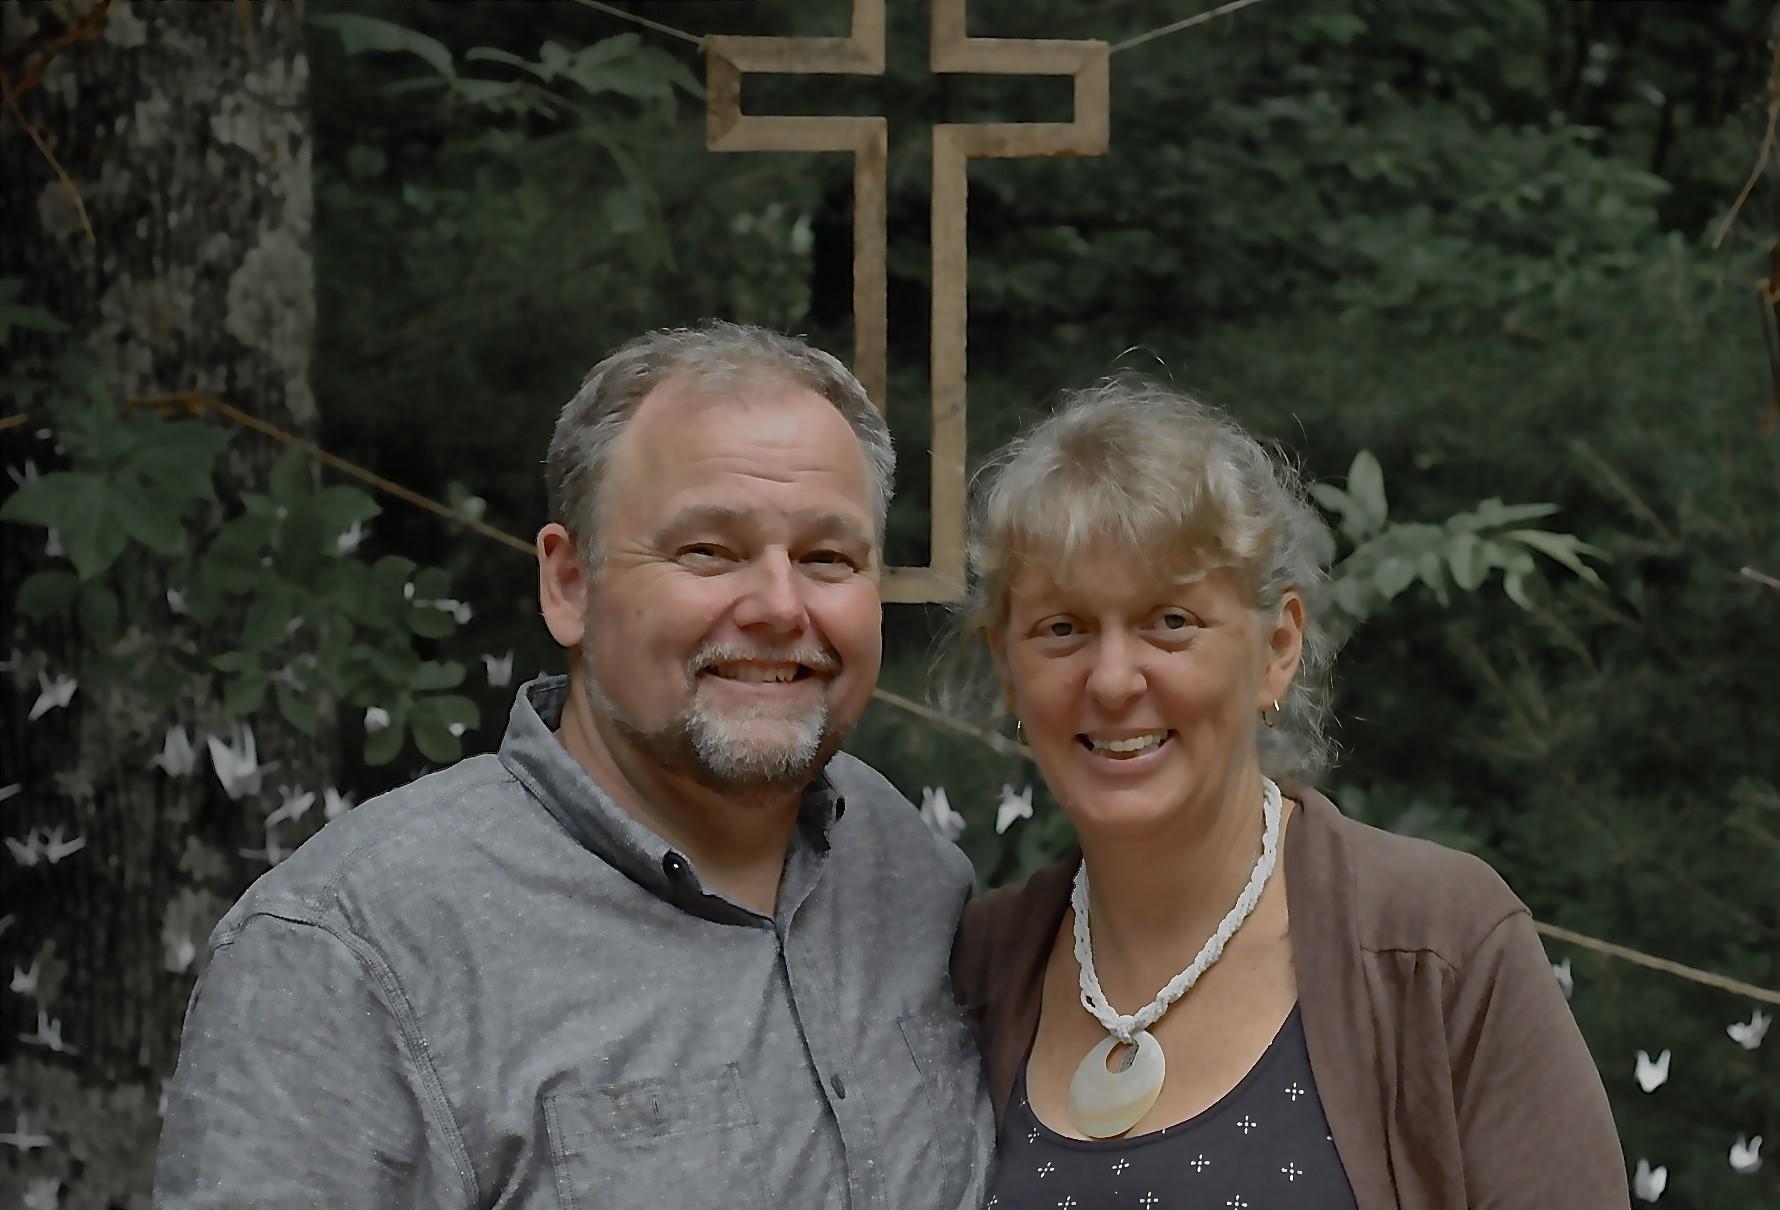 Kevin & Stella Stroud-Lusk